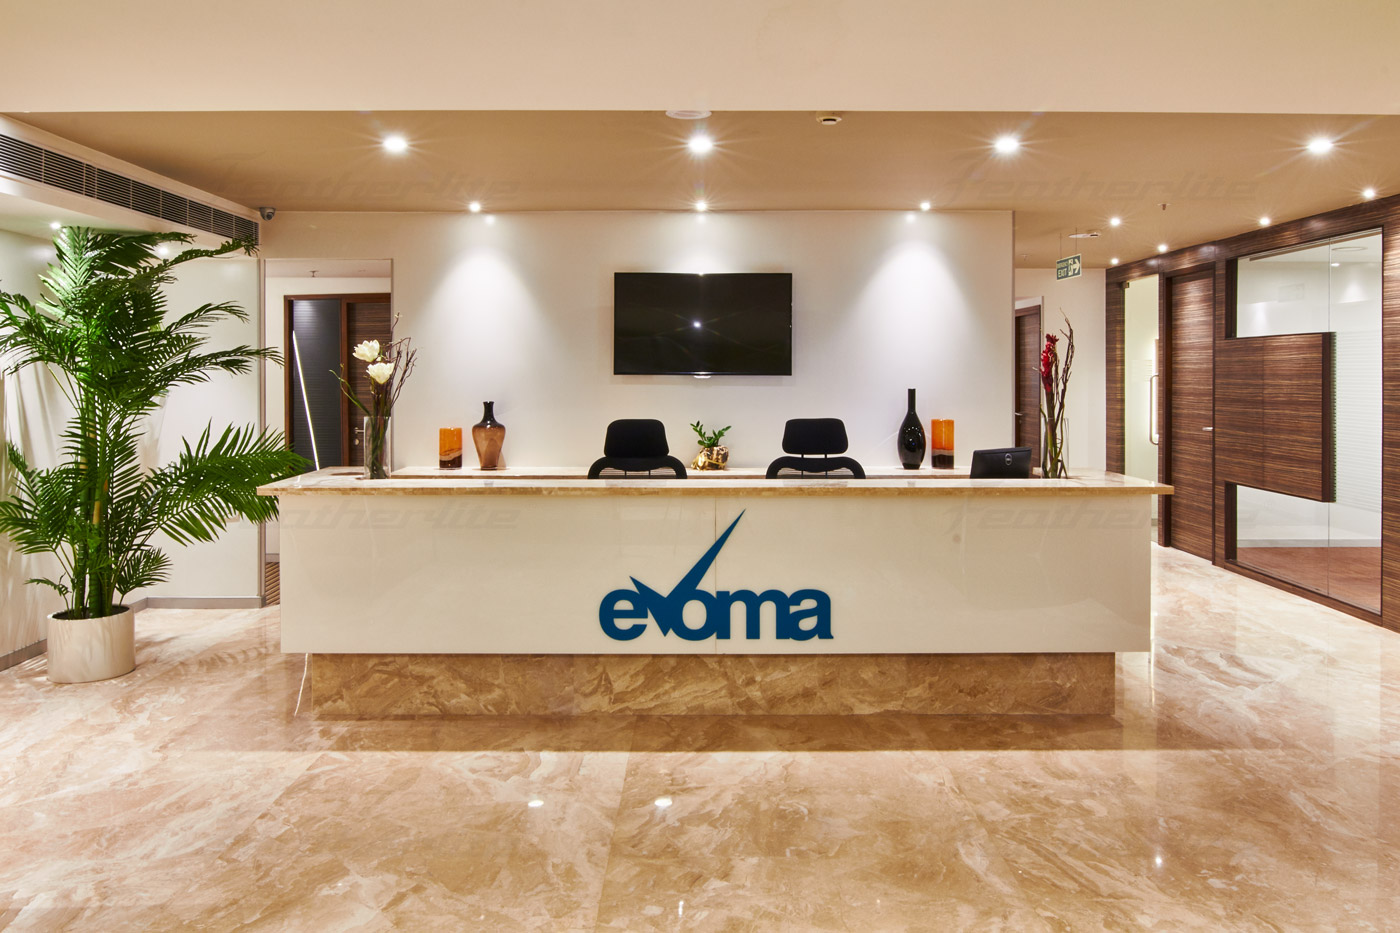 Evoma address Marathahalli